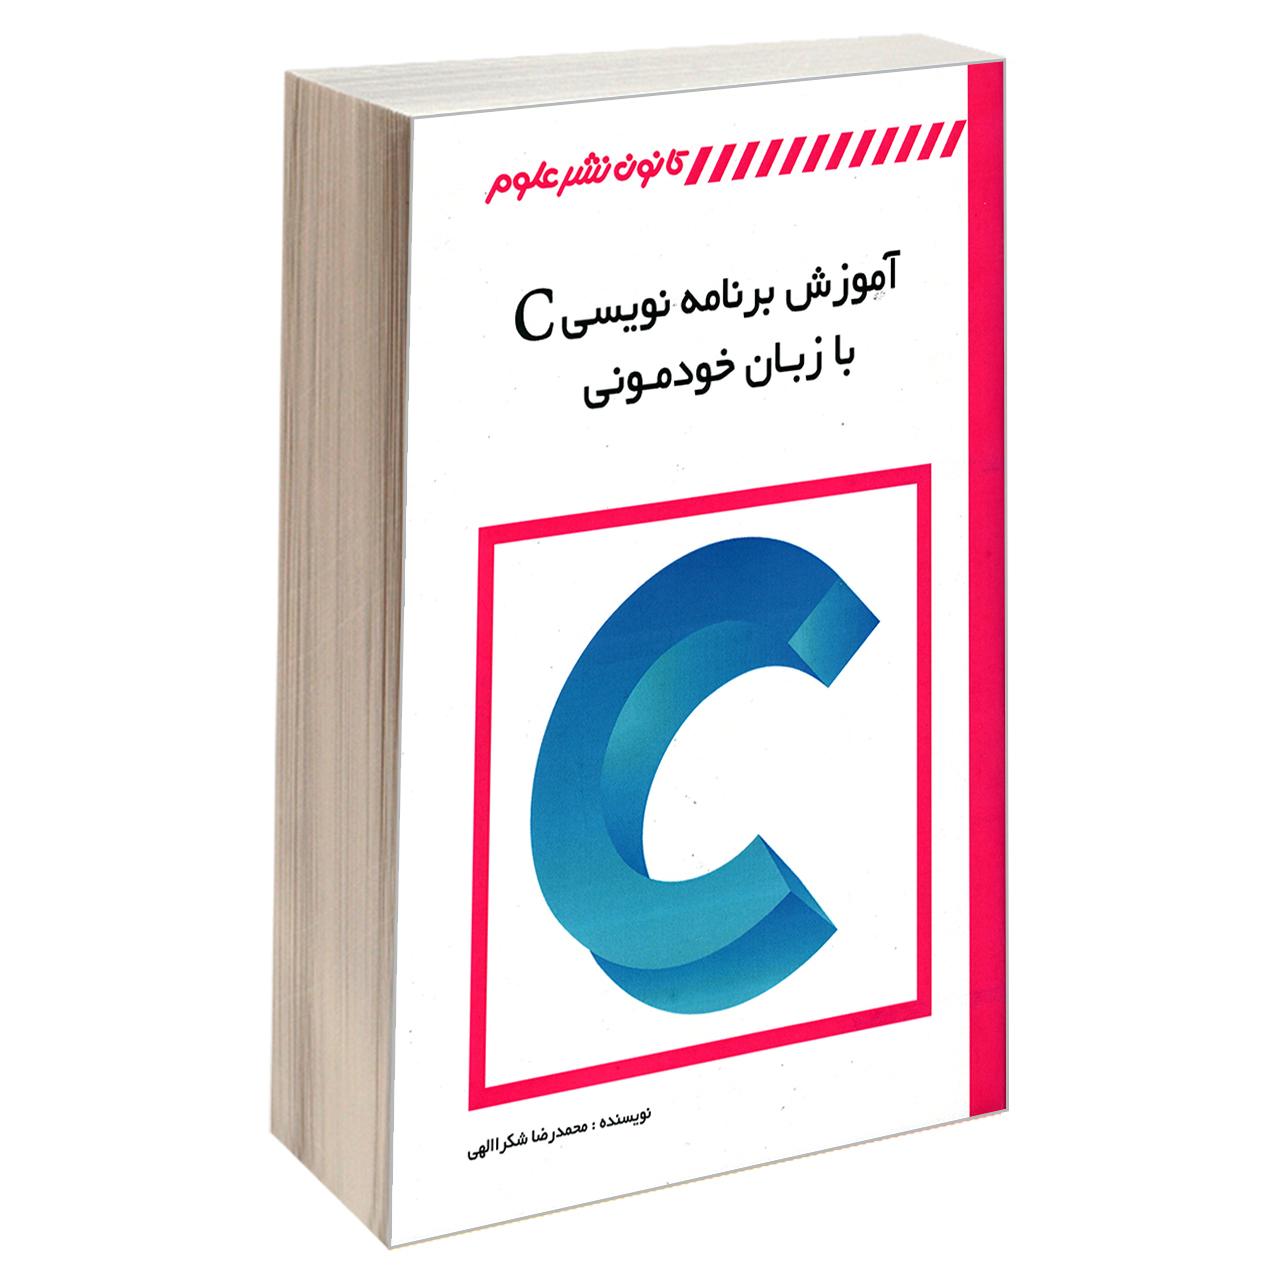 خرید                      کتاب آموزش برنامه نویسی C با زبان خودمونی اثر محمدرضا شکراللهی انتشارات کانون نشر علوم